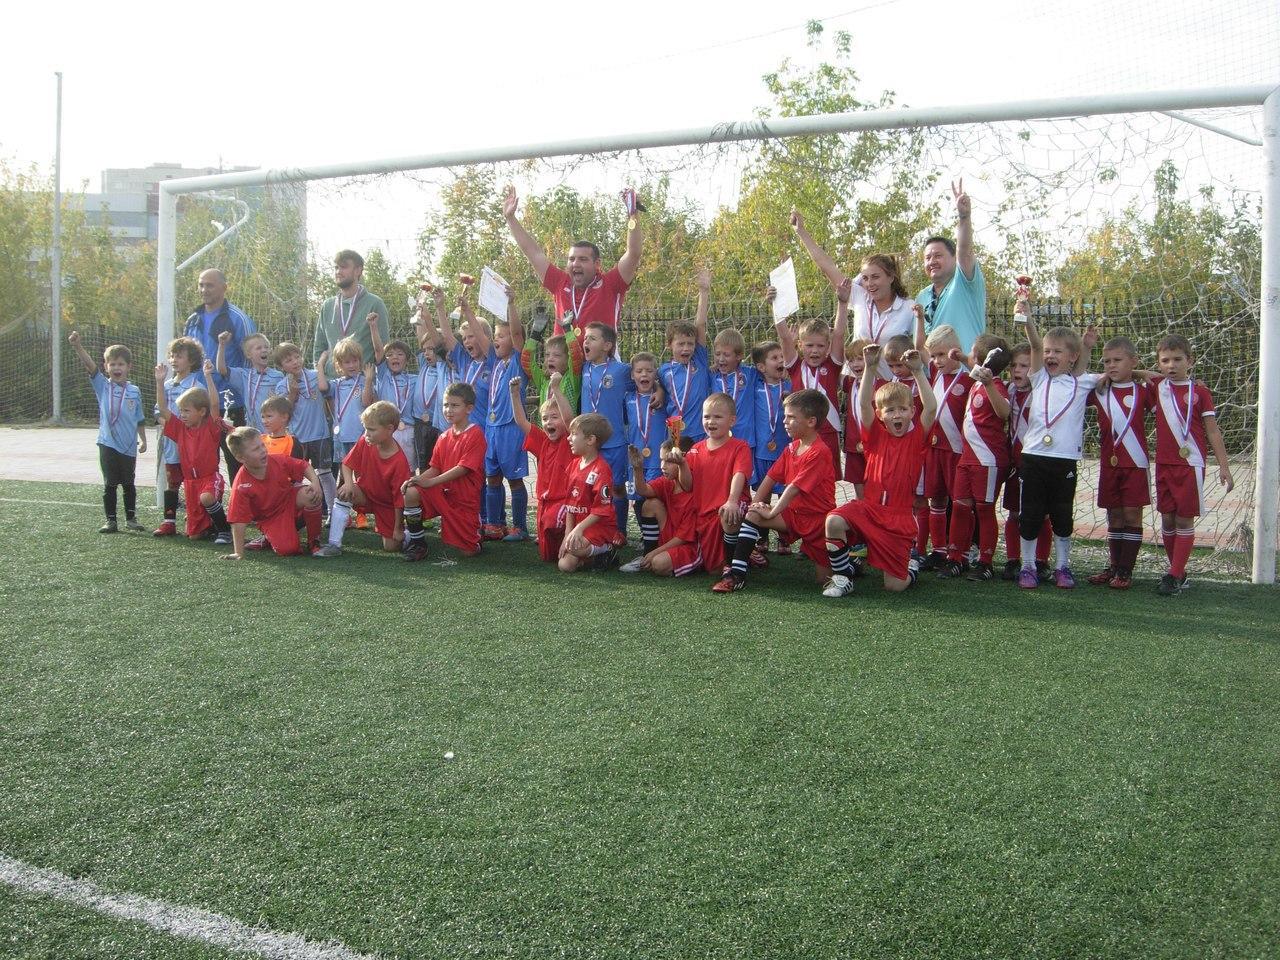 Приглашаем принять участие в турнире по футболу «Весенний Кубок Подольска-2018» среди детских команд 2005 г.р.